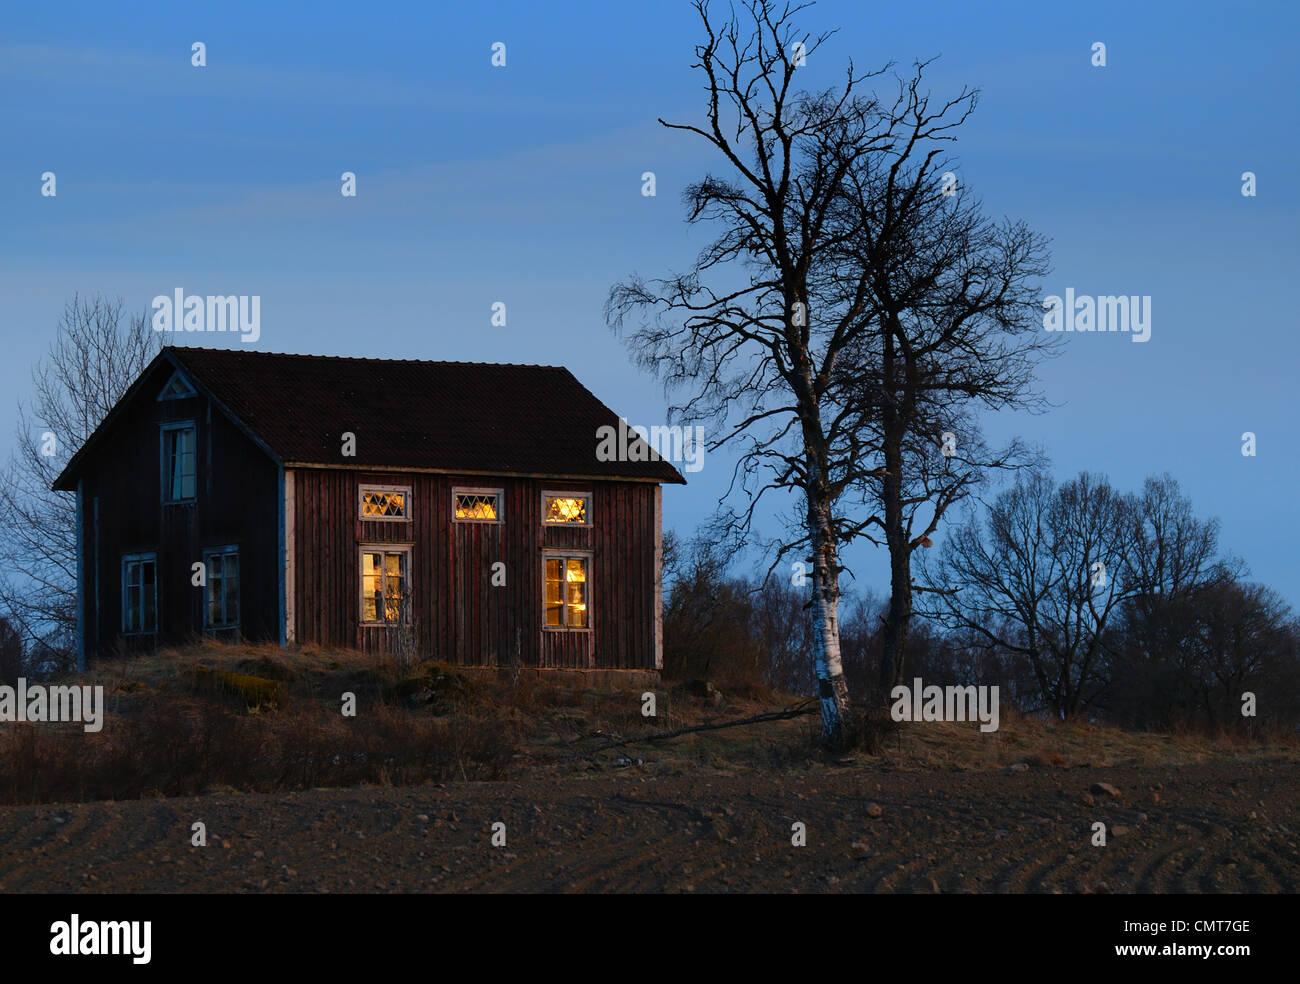 Esterno della casa con luce in Windows Immagini Stock